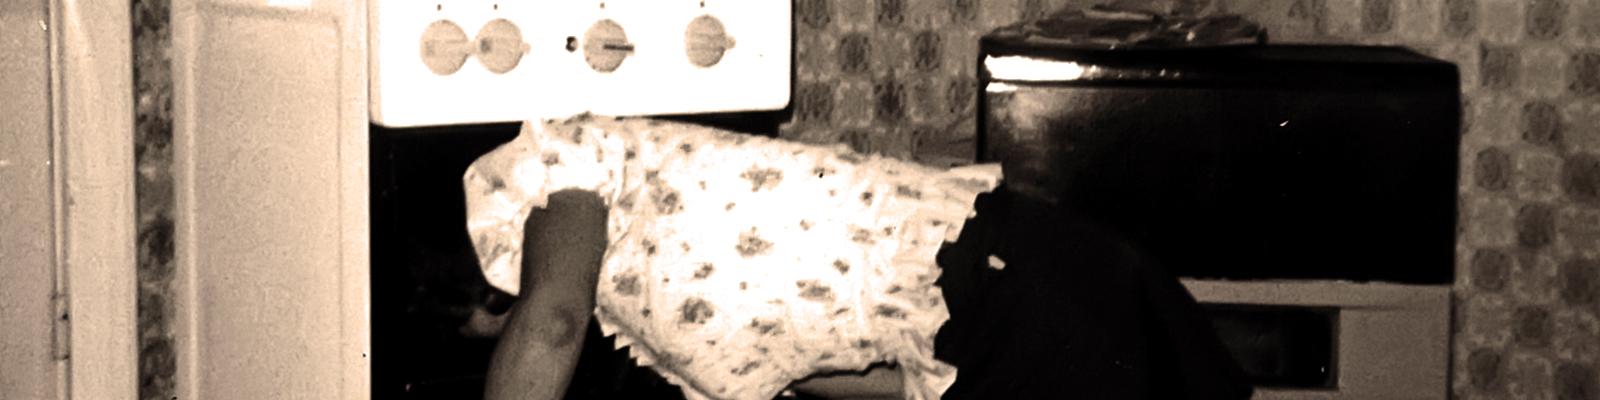 Eine Frau guckt in einen Backofen